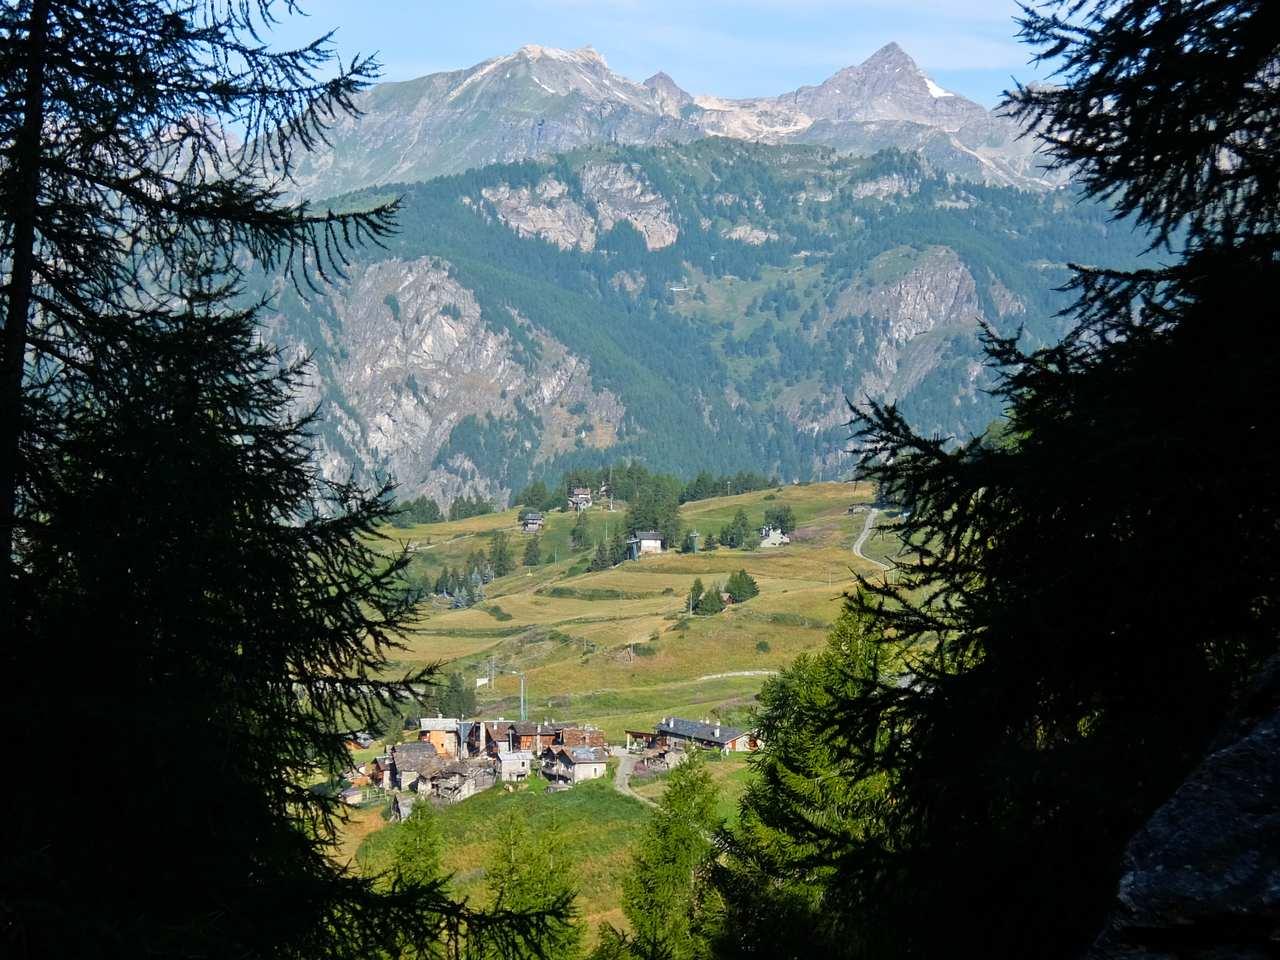 Matterhorn and Chamois